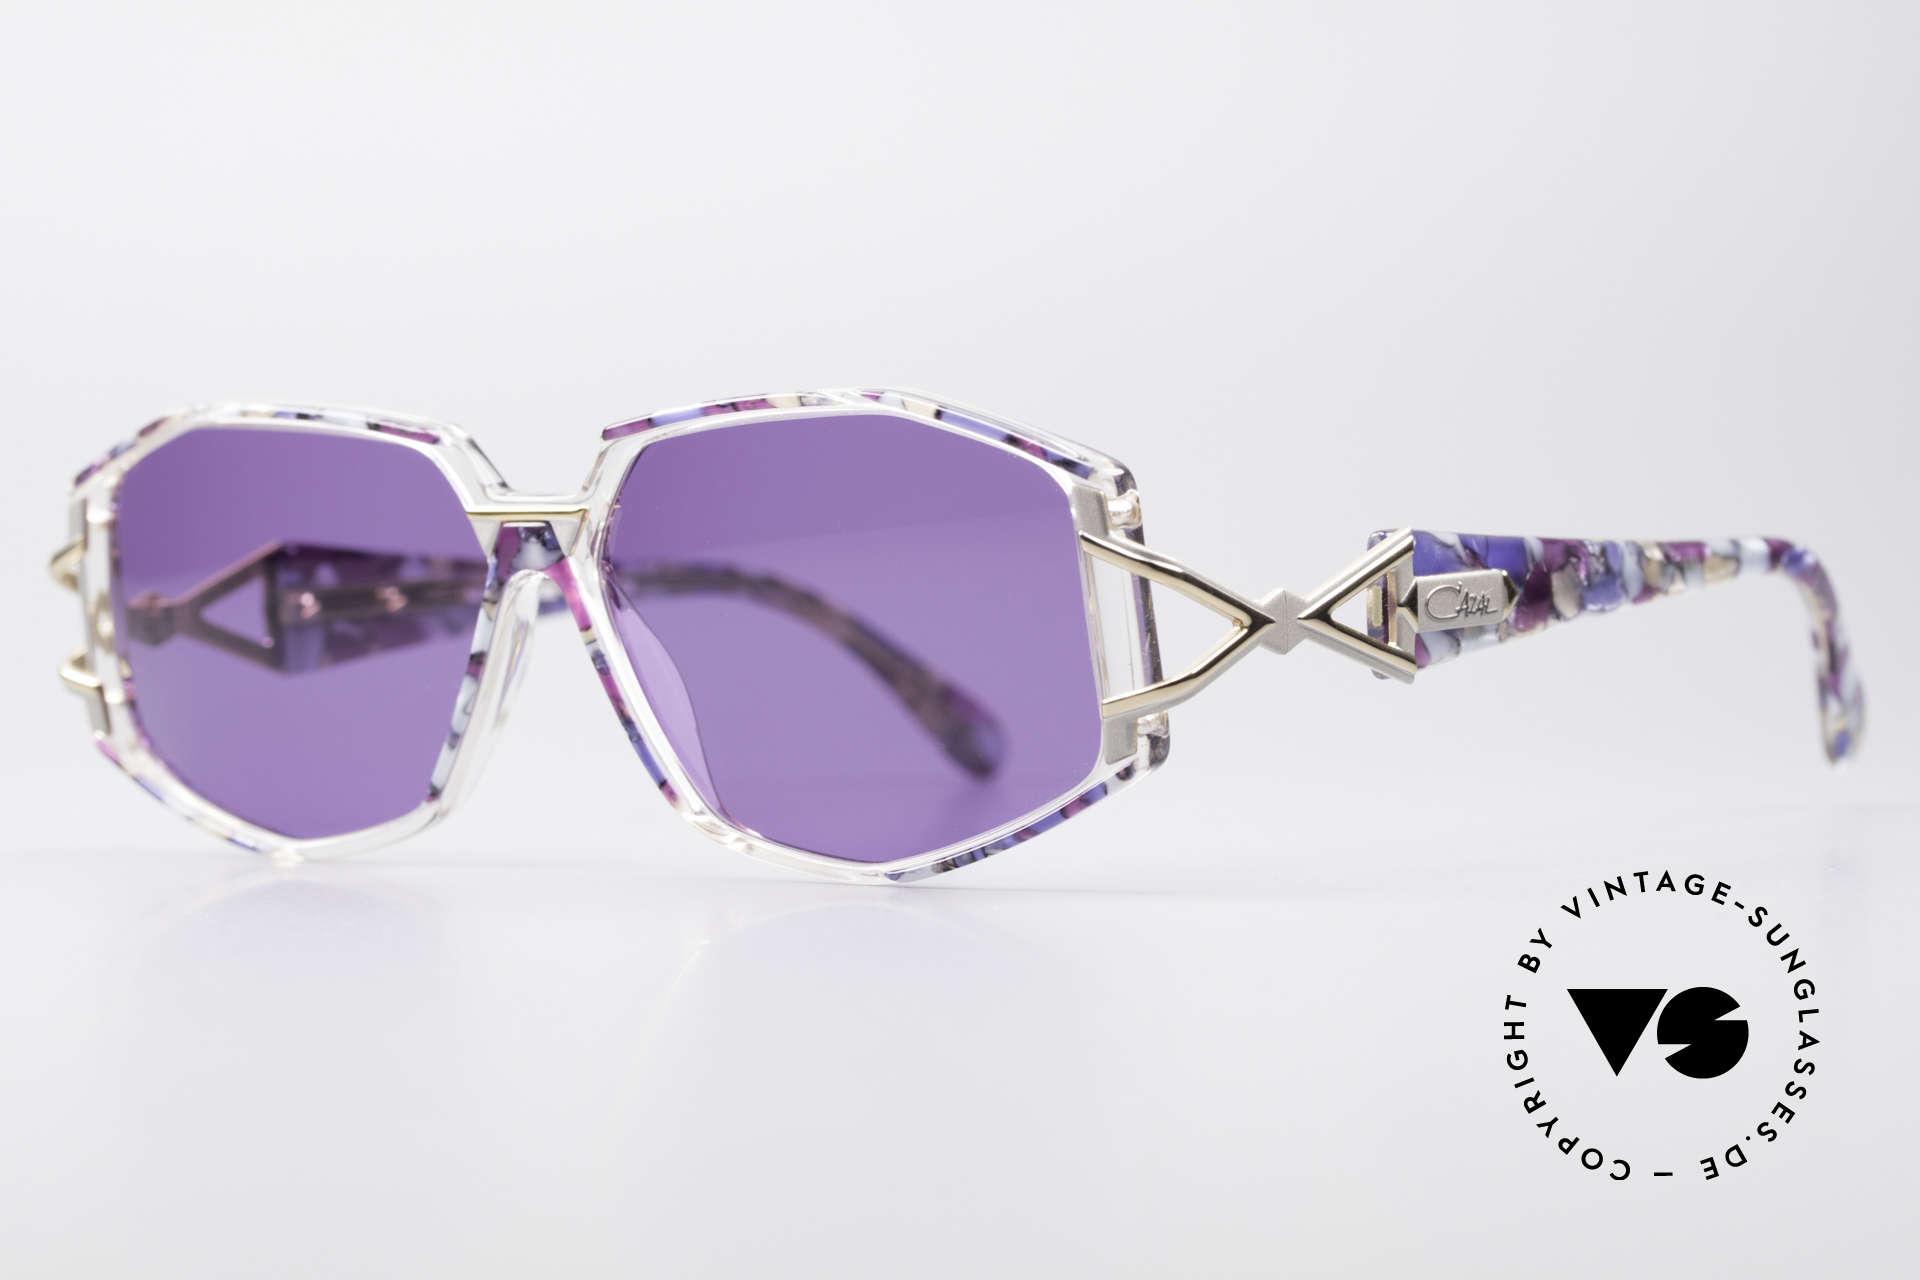 Cazal 368 90er Sonnenbrille Hip Hop Style, Verarbeitung und Haltbarkeit auf höchstem Niveau, Passend für Damen